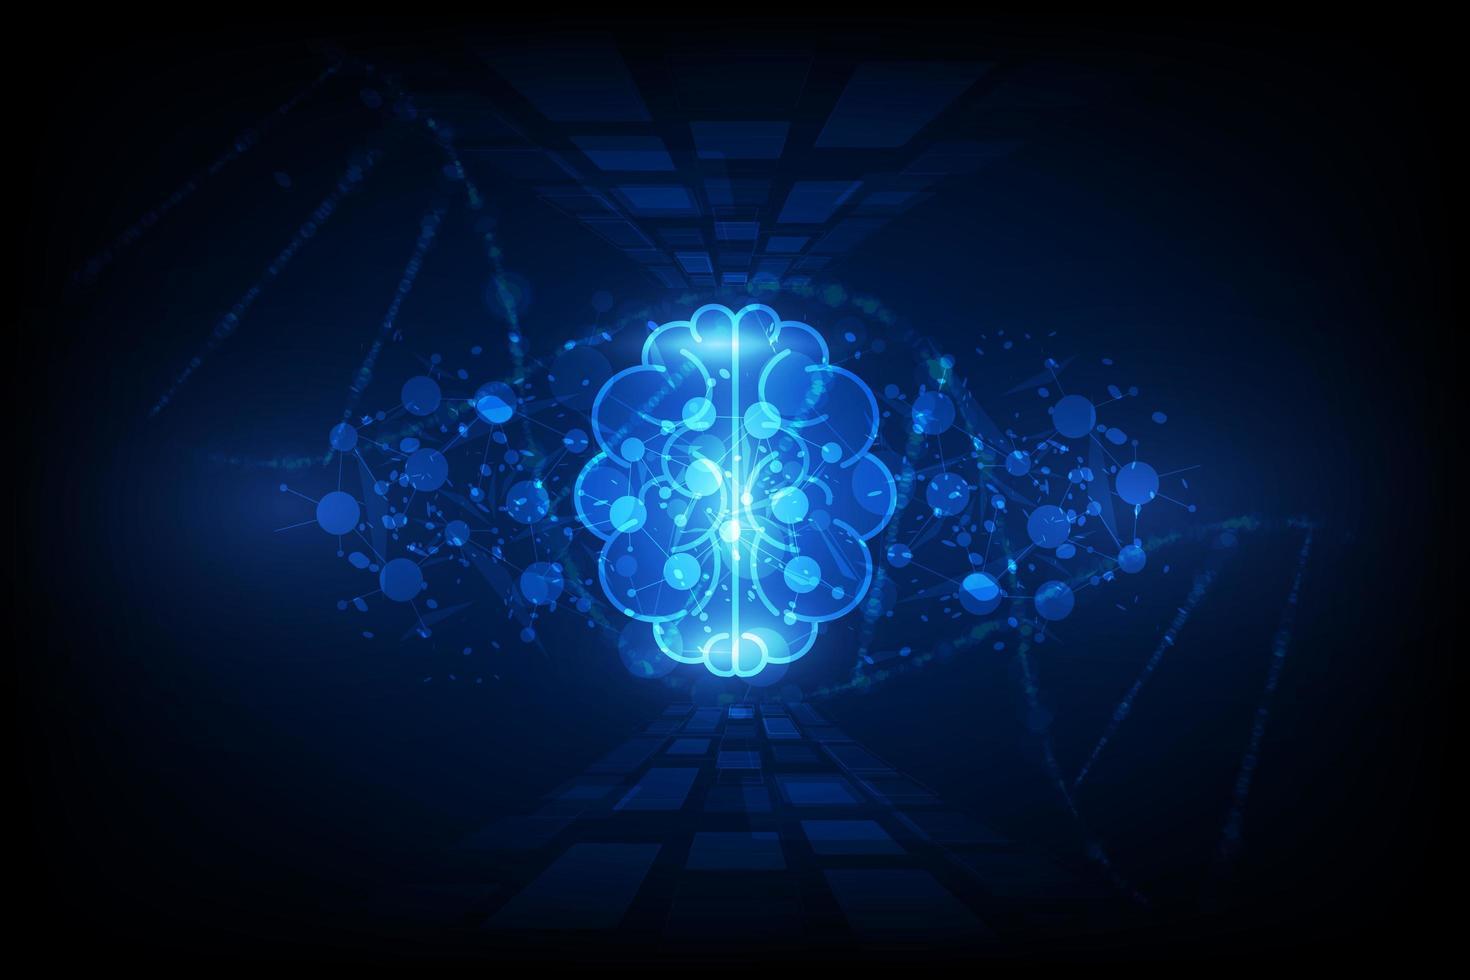 cerebro humano abstracto sobre fondo de tecnología vector